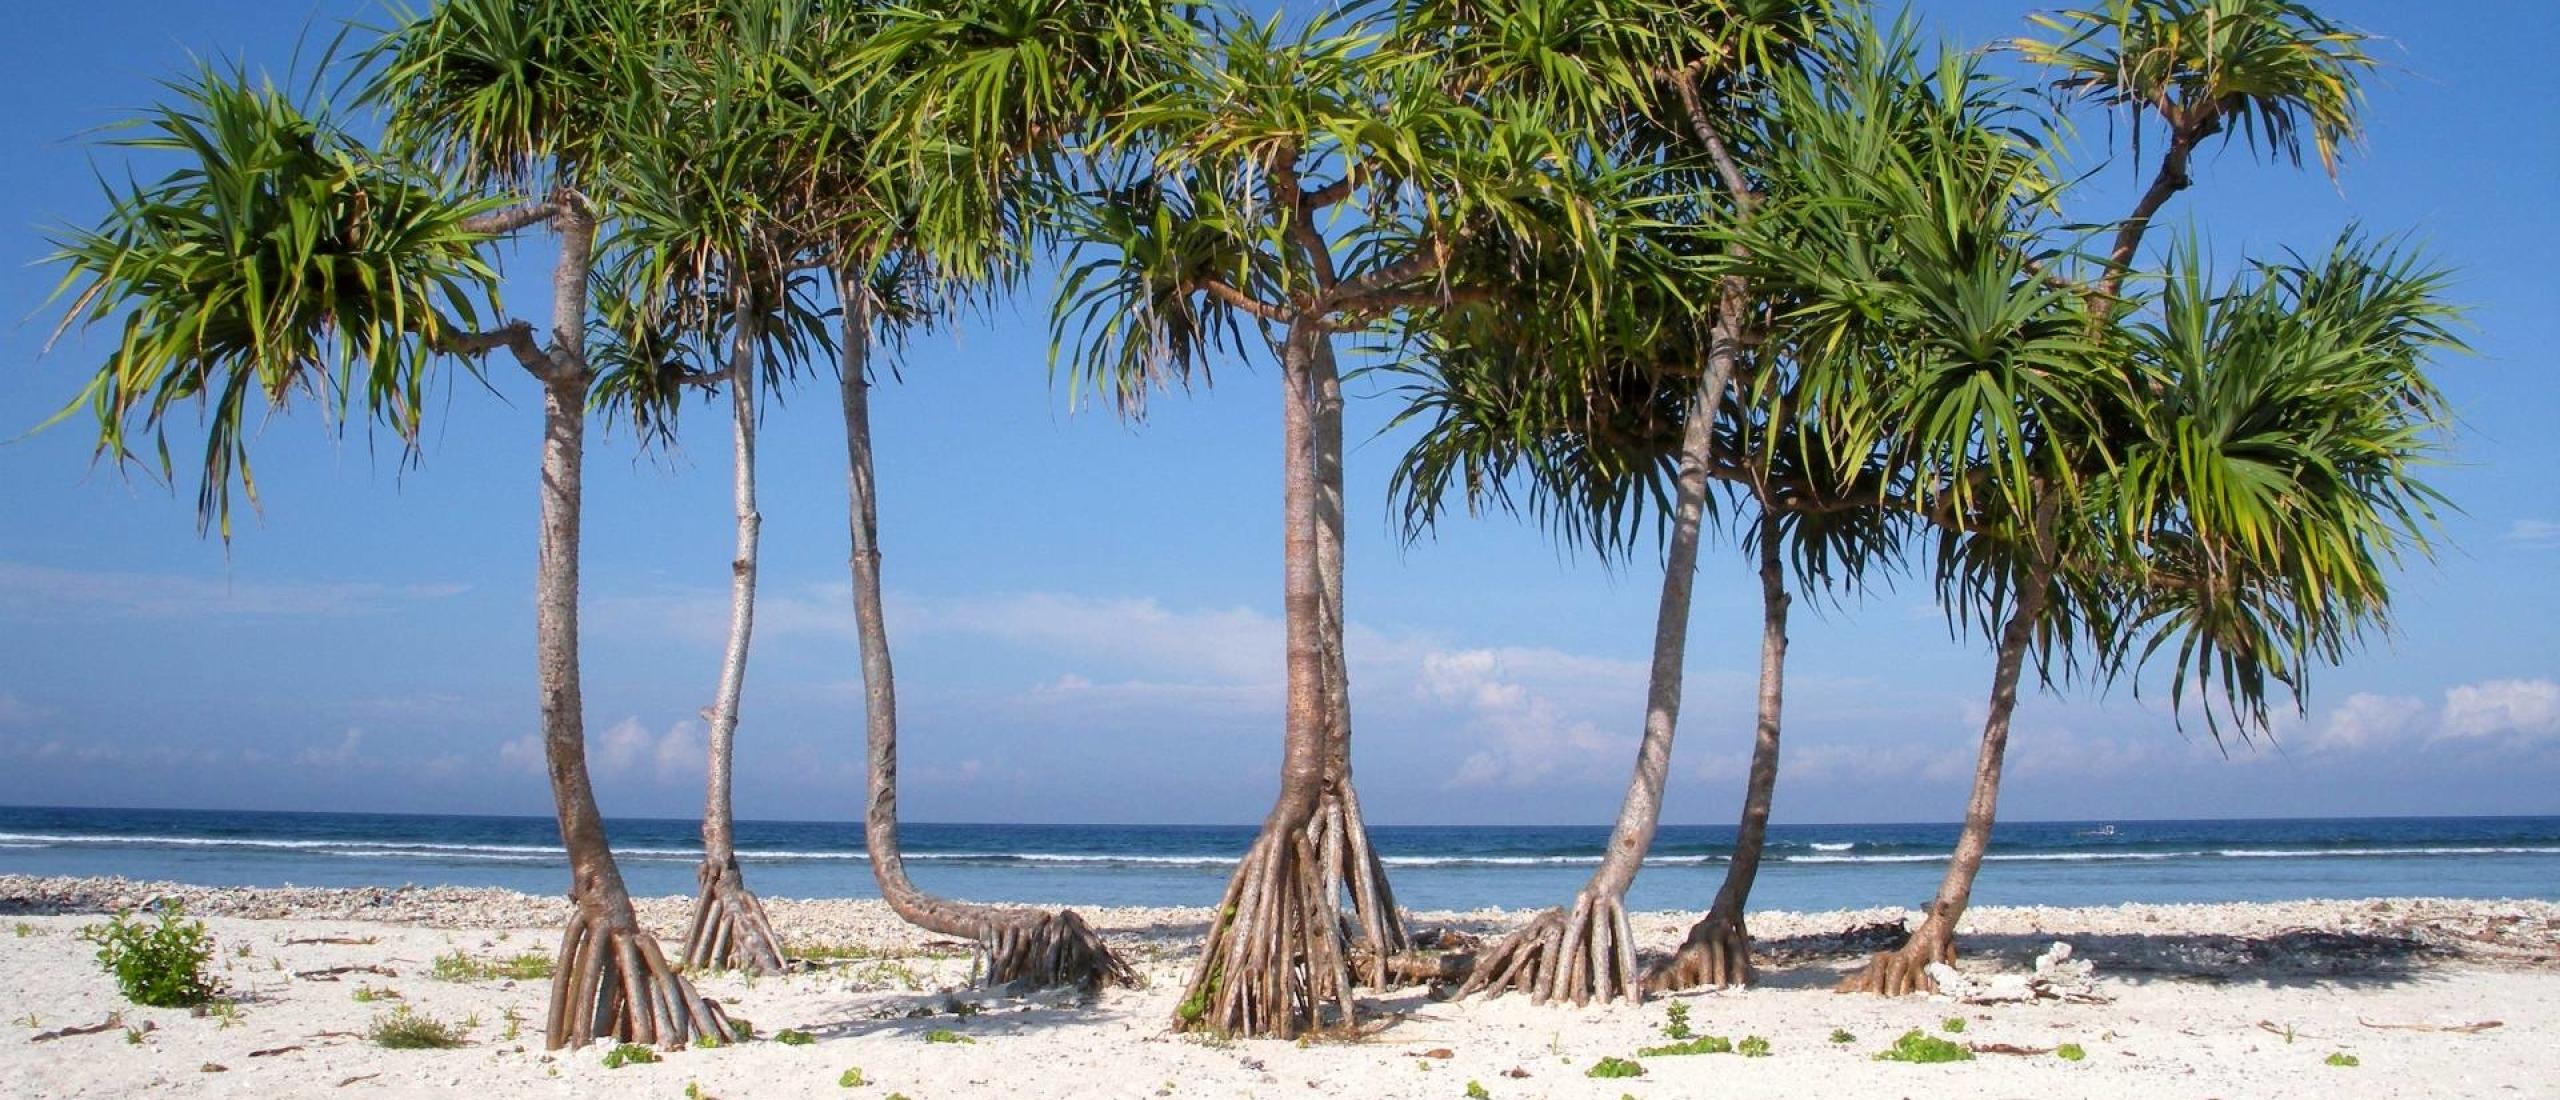 Gili eilanden, genieten van zon, zee en strand